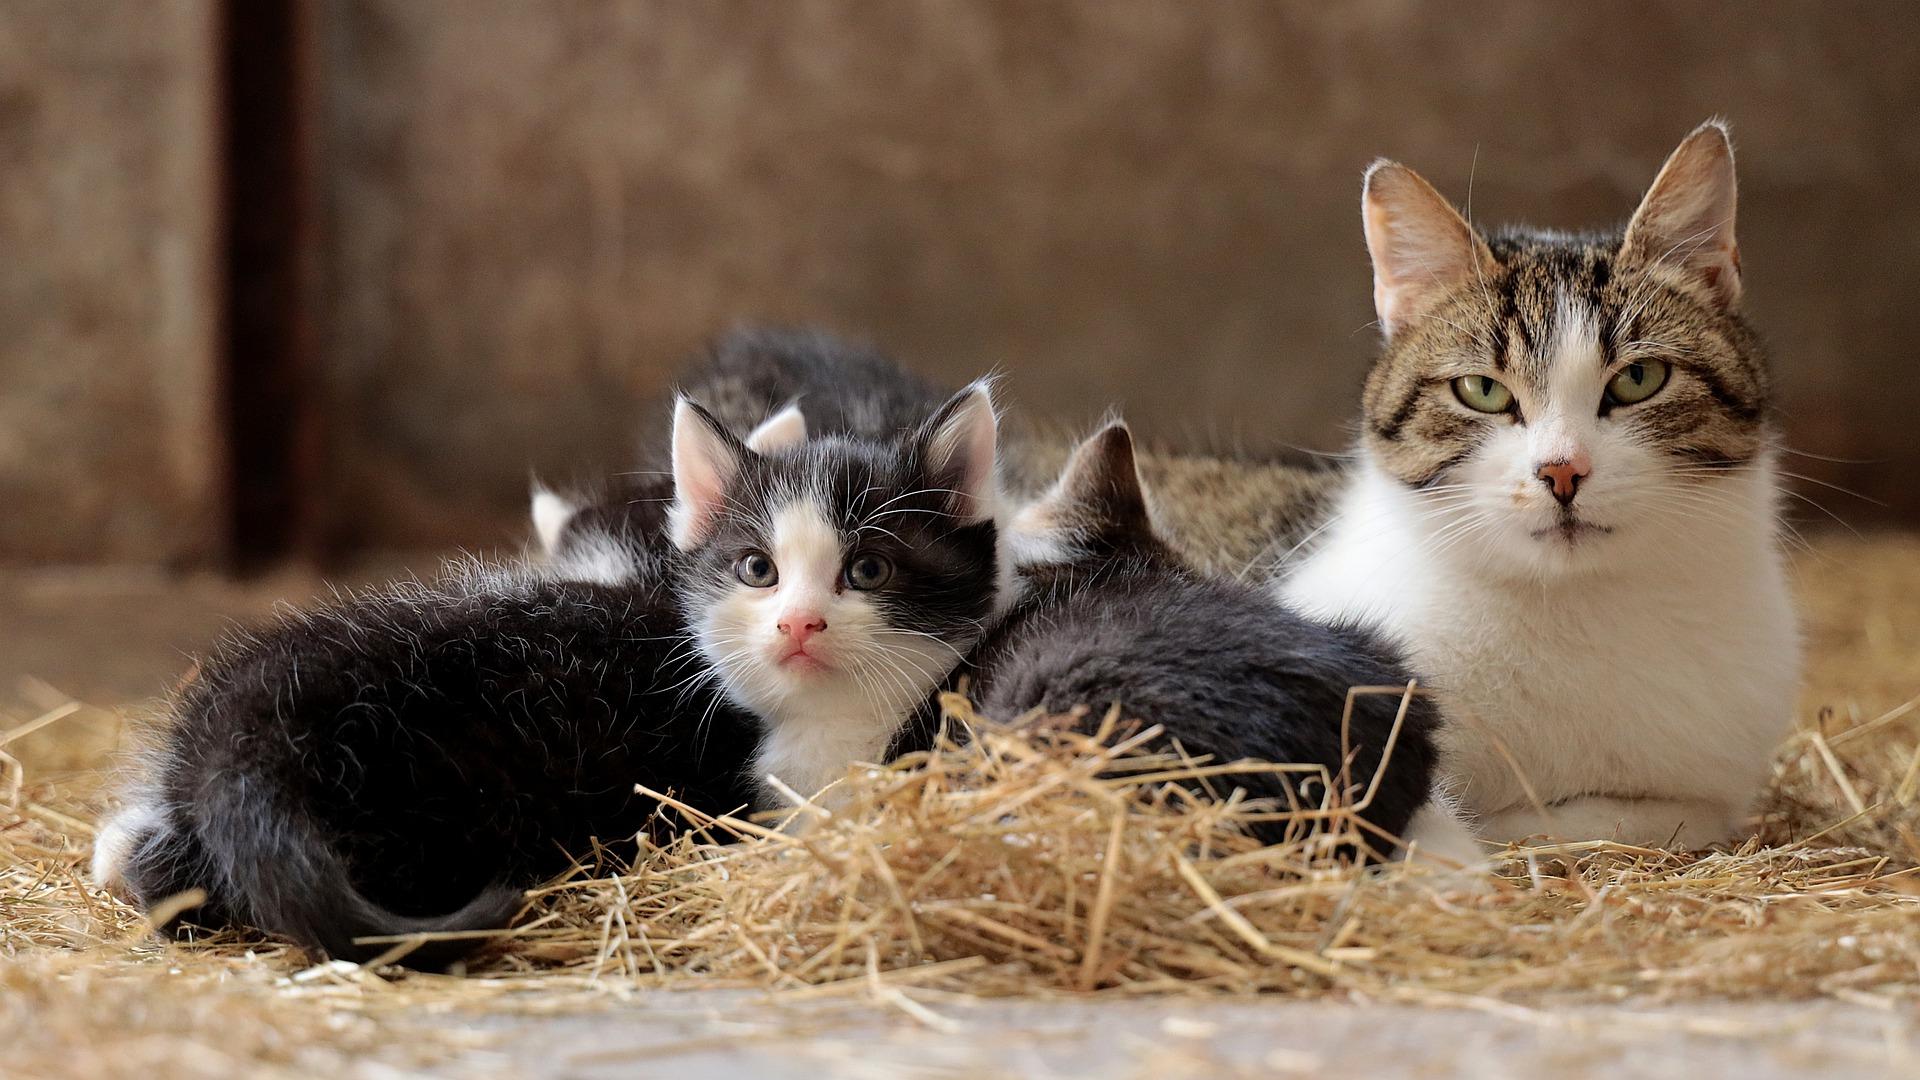 Ciąża znacząco zwiększa możliwość wystąpienia chorób układu płciowego oraz nowotworów. Wbrew panującej opinii kotka nie musi mieć jednego miotu w życiu.